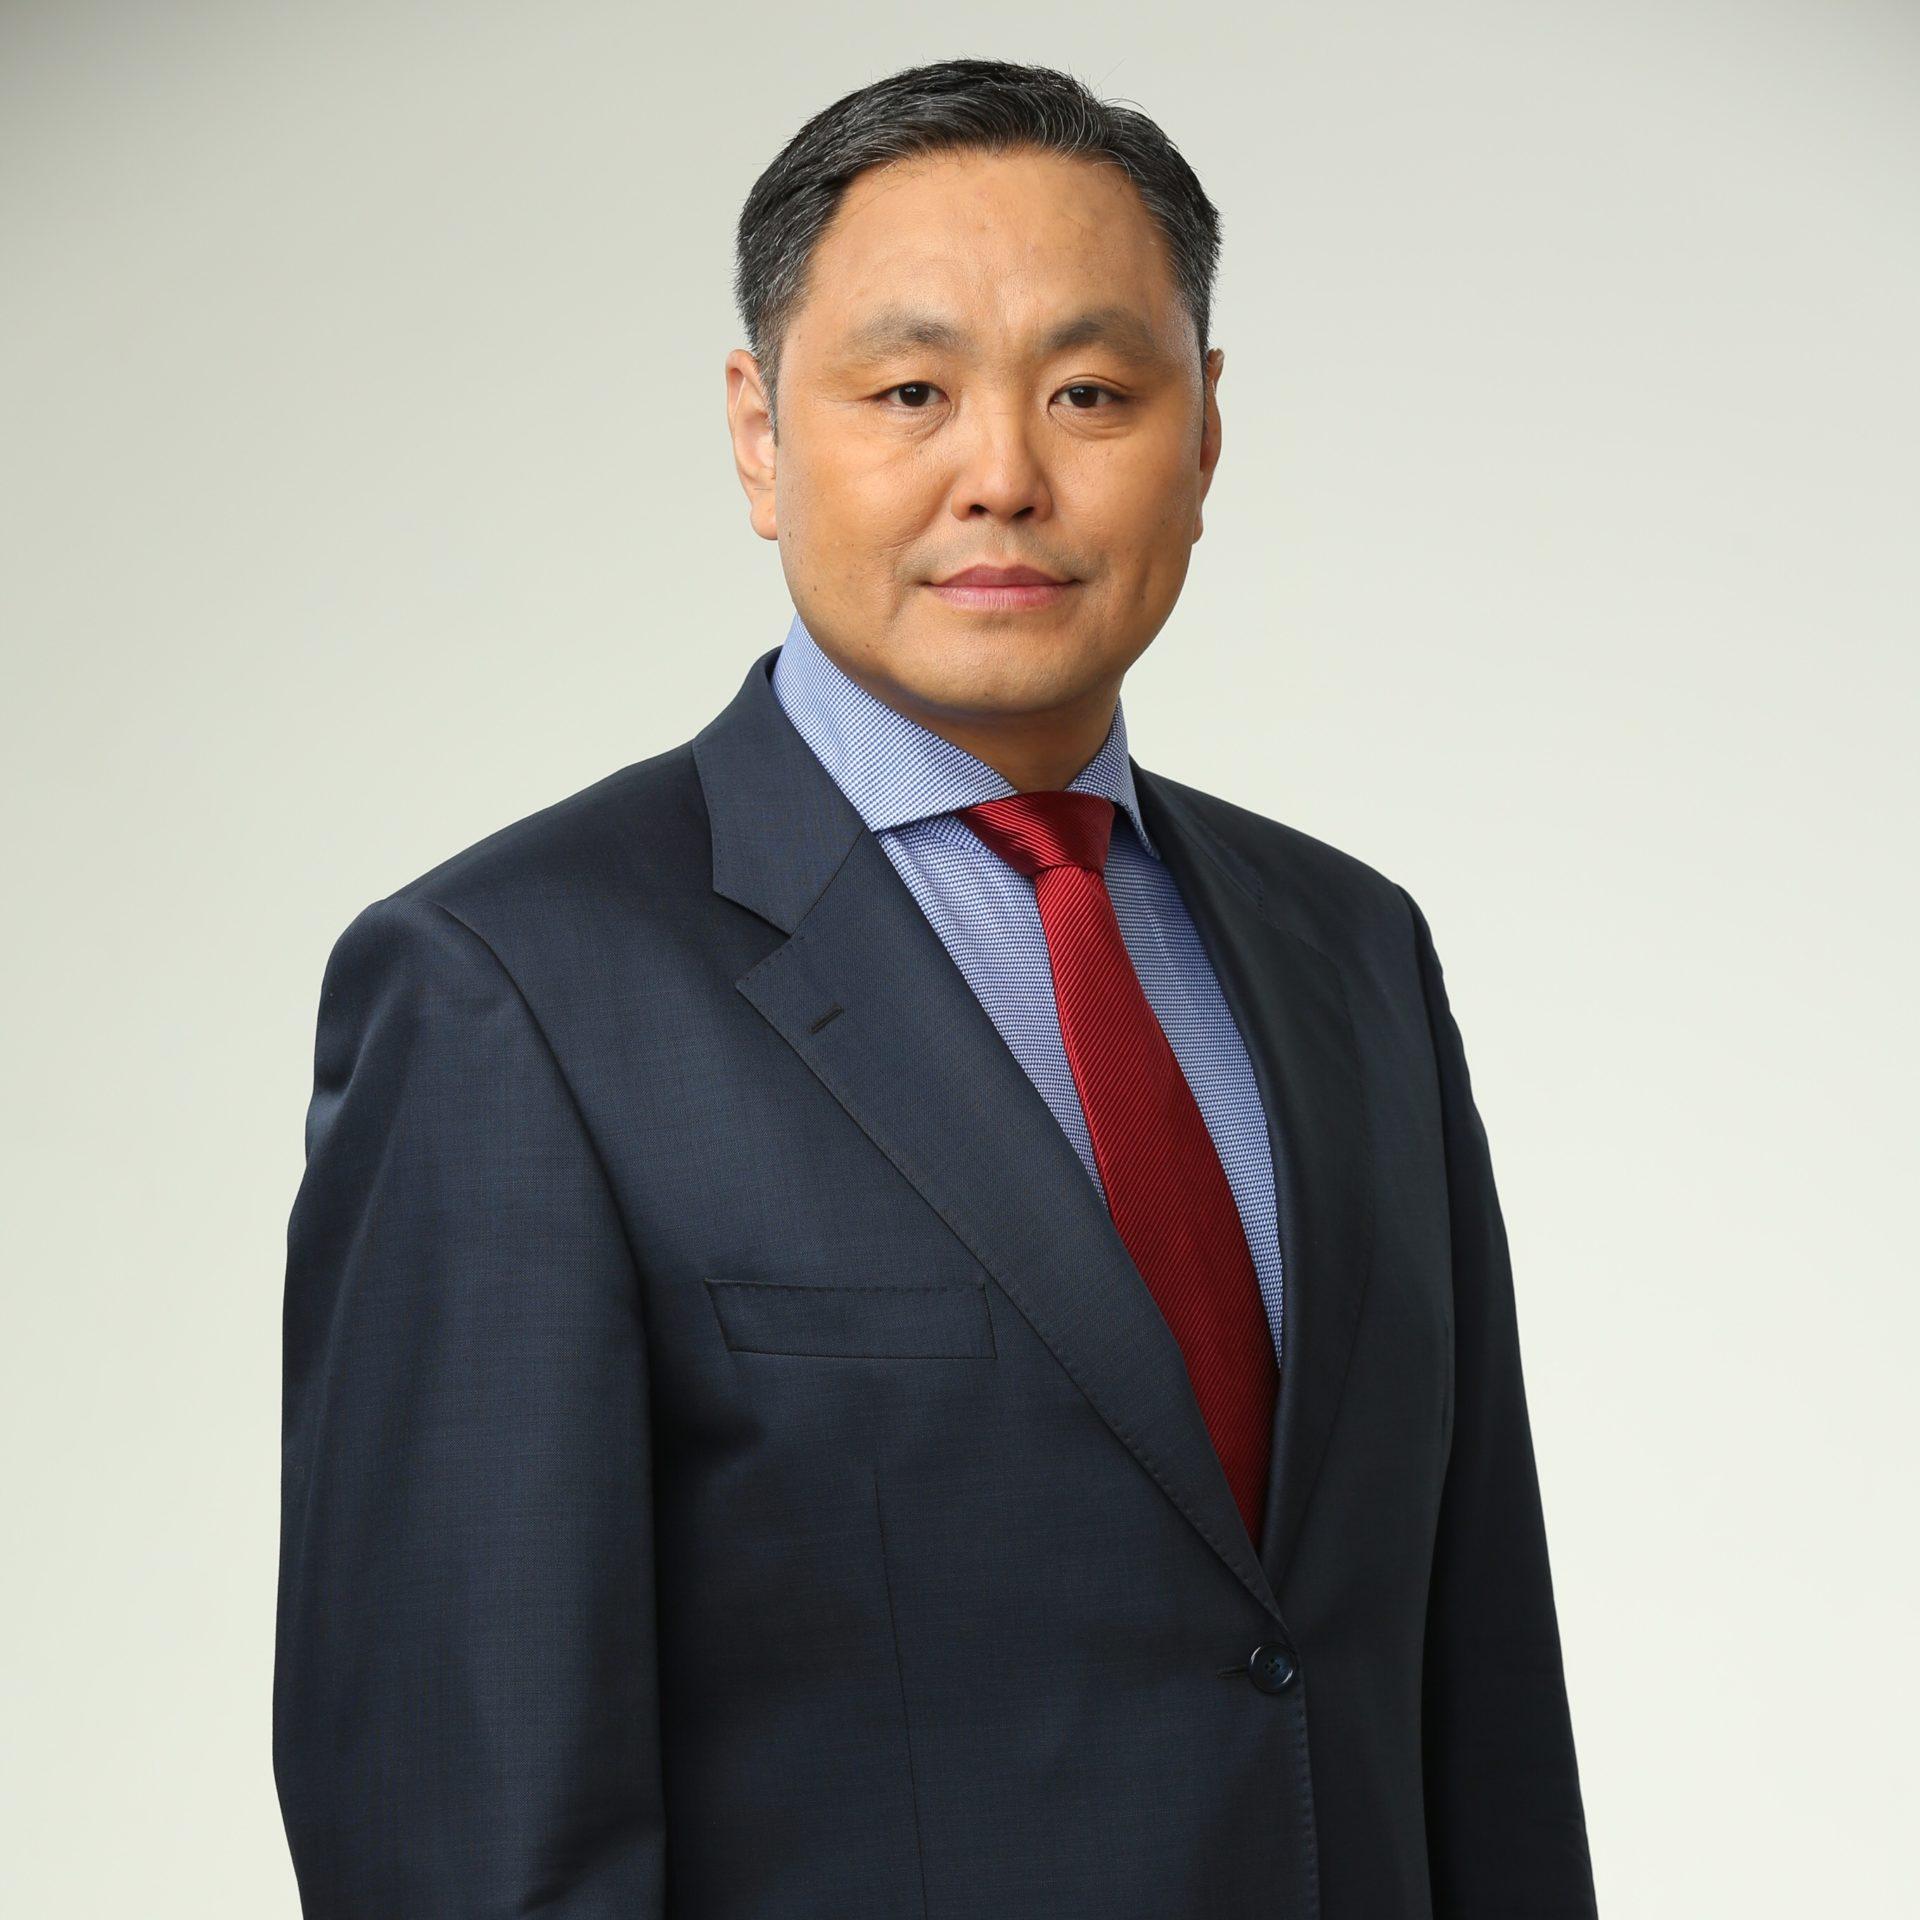 Альберт Семенов: «Развитие Дальнего Востока – национальный приоритет»